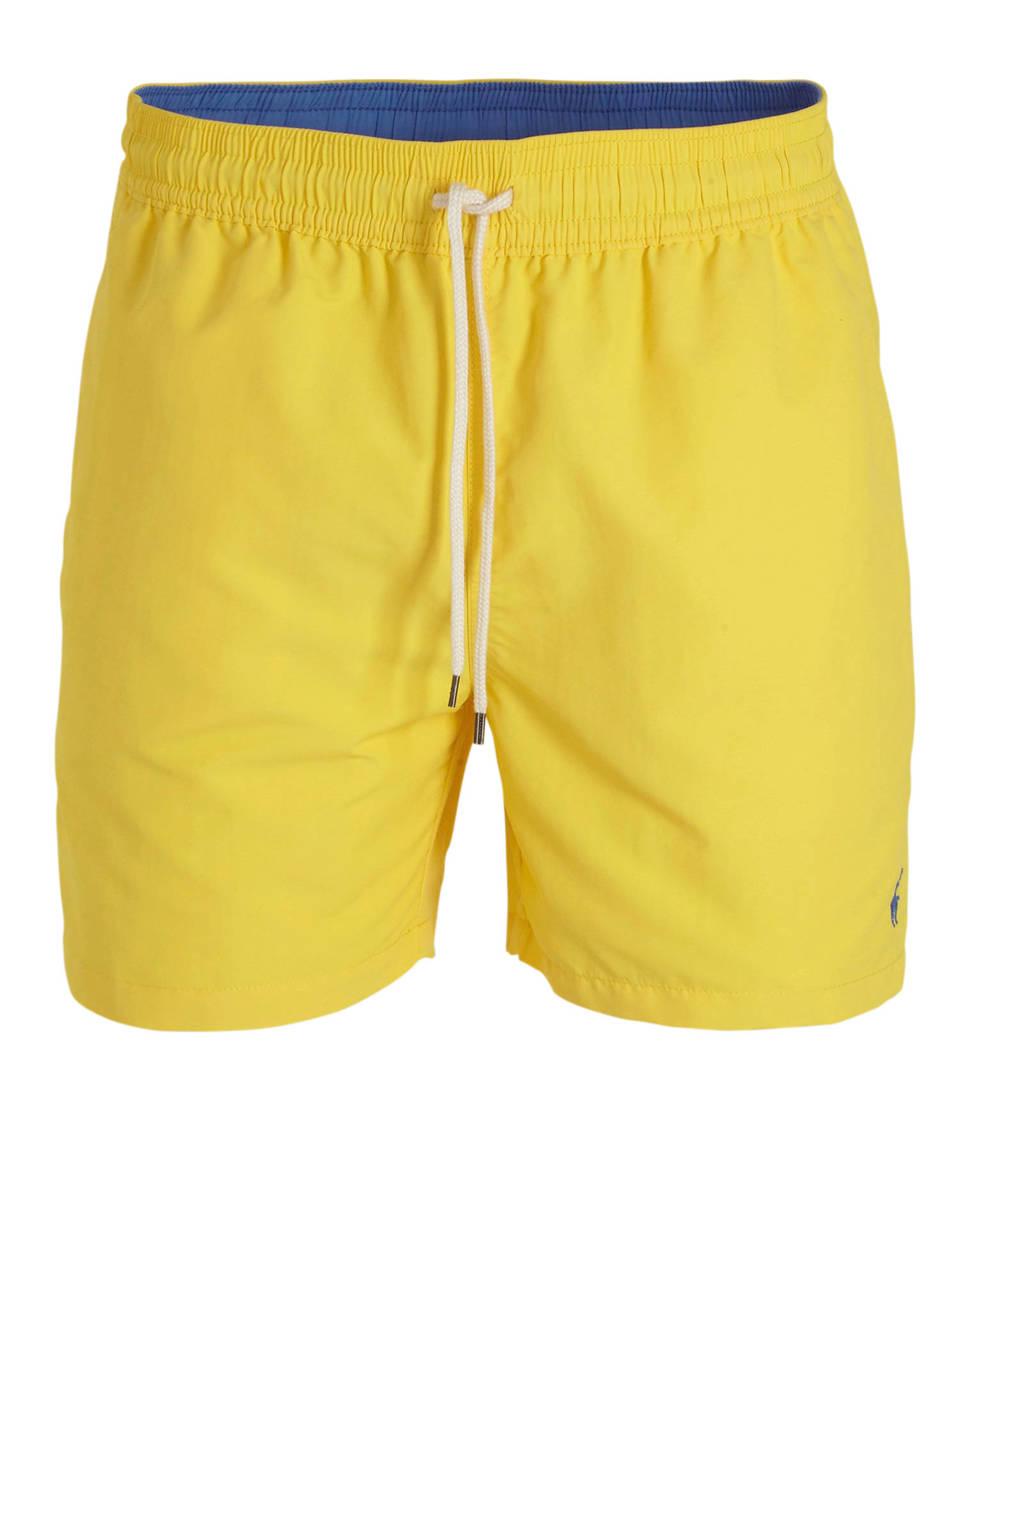 POLO Ralph Lauren zwemshort geel, Geel